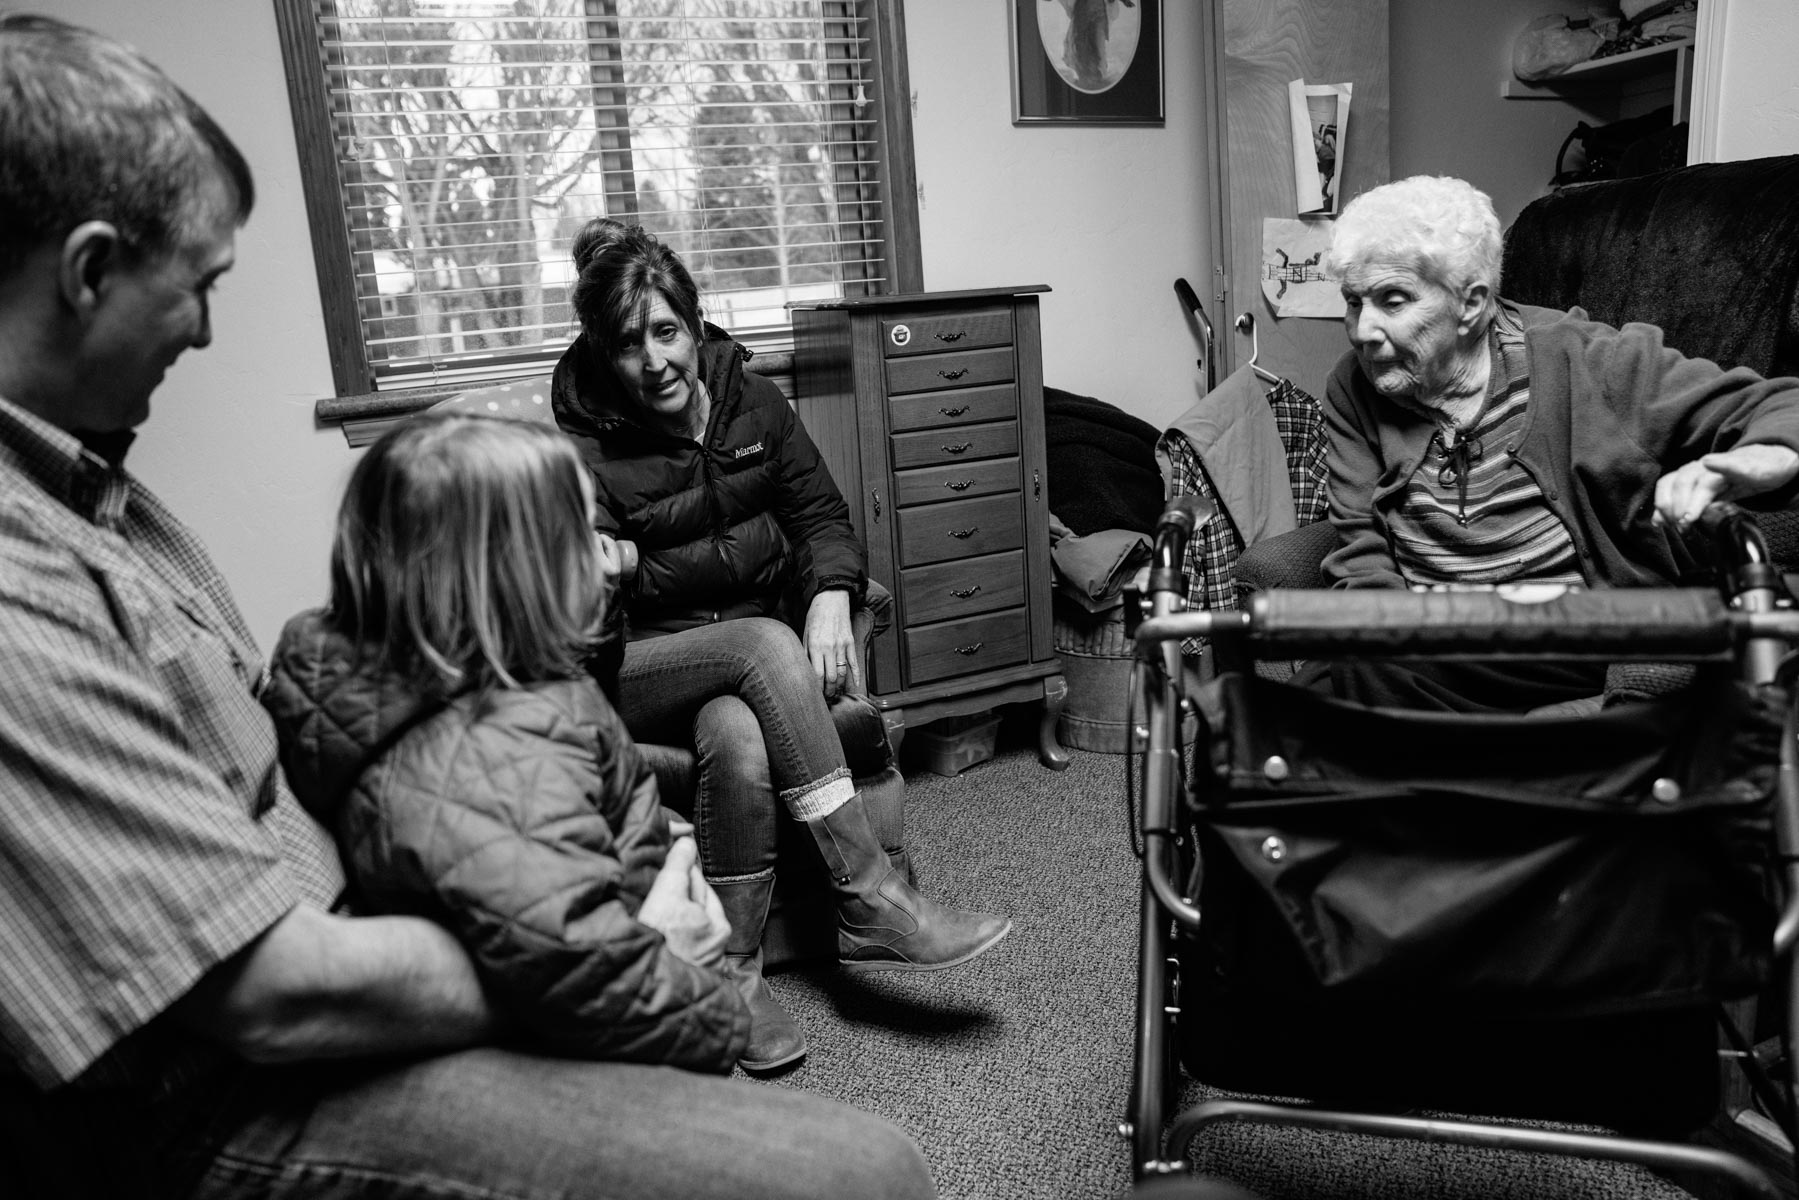 kyson-dana-great-great-grandma-6.jpg